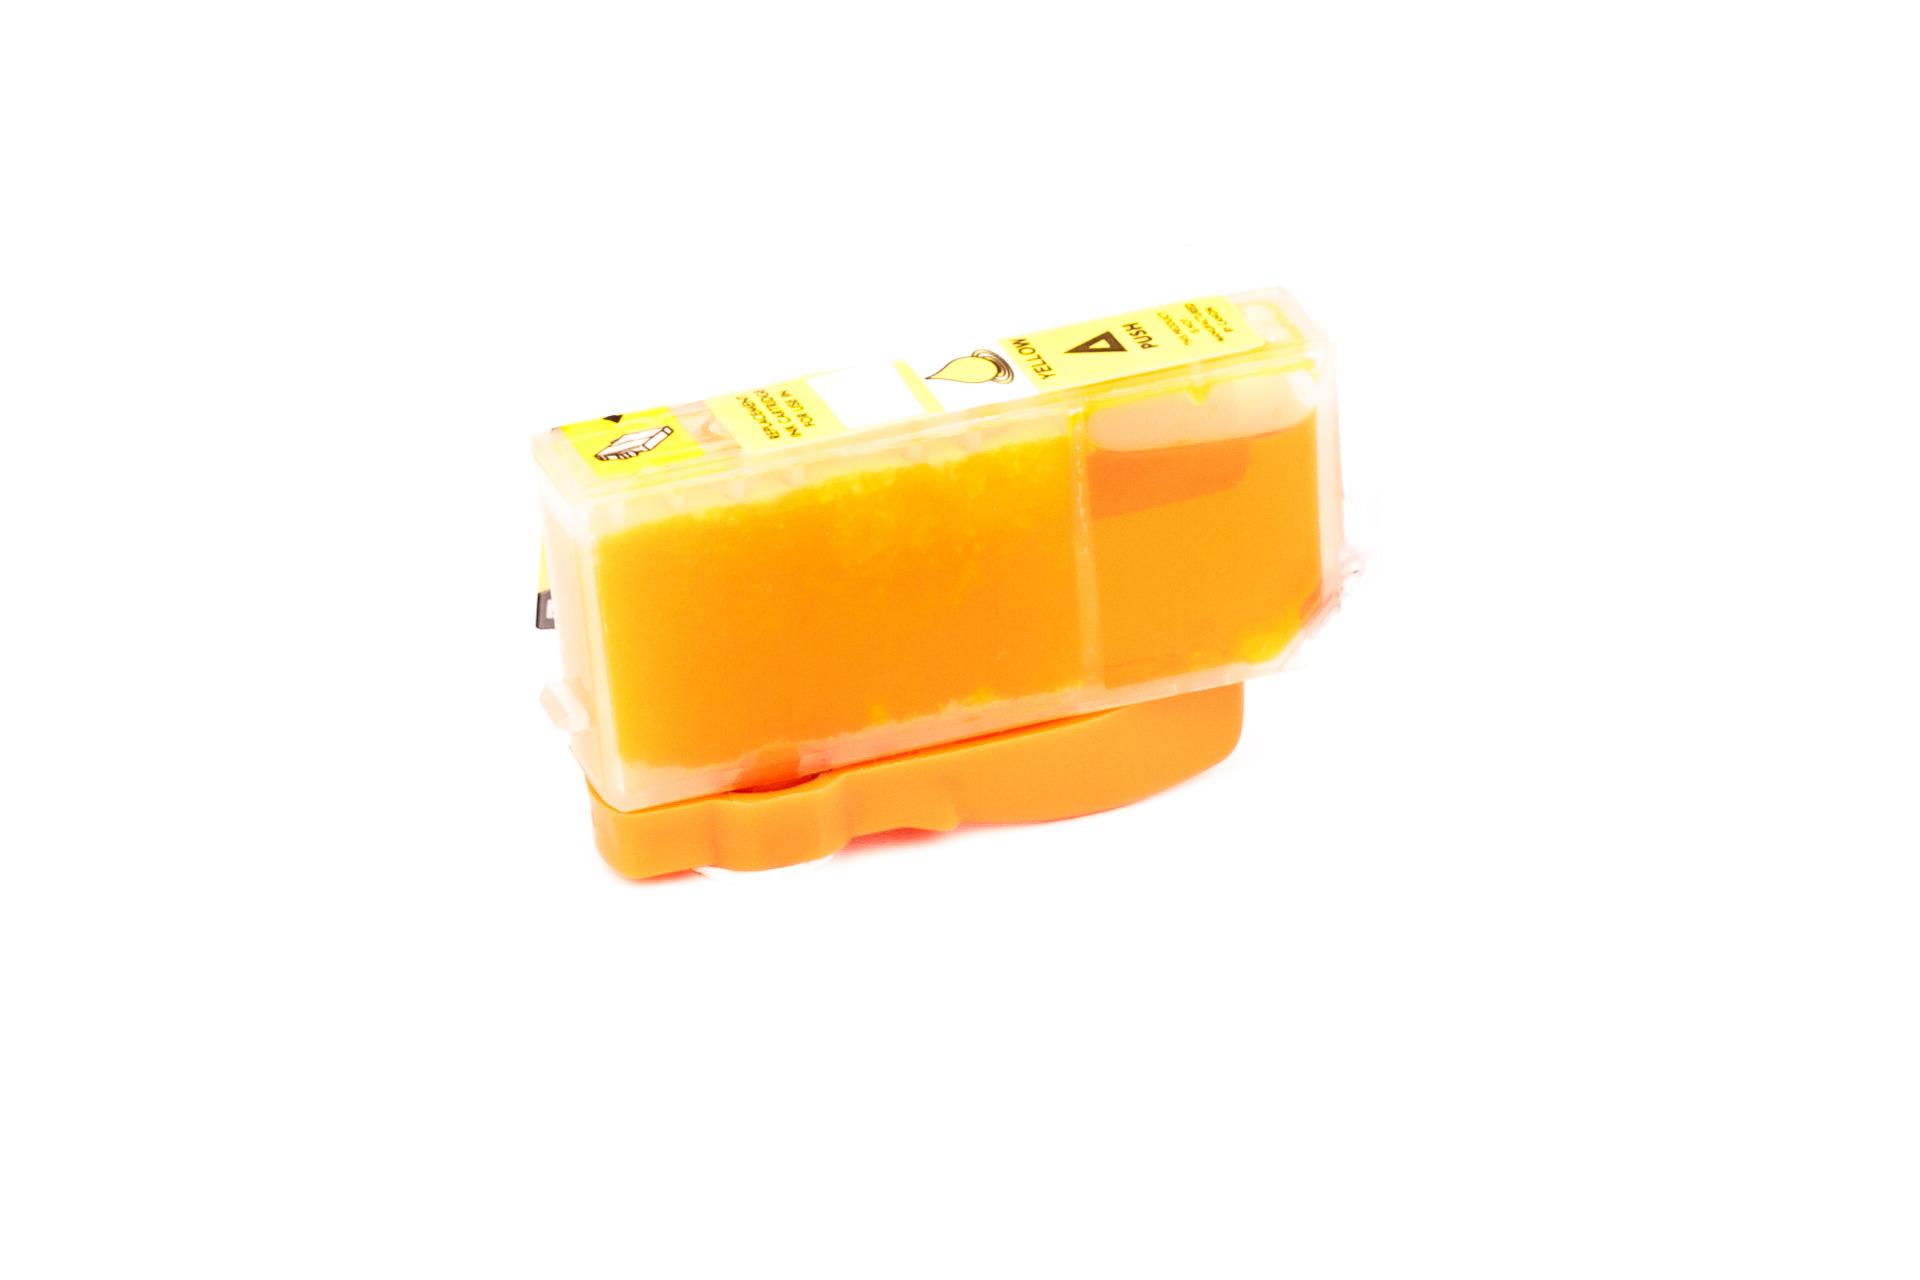 ASC-Premium-Tintenpatrone für Canon Pixma IP 3600 gelb Pixma IP 3600 PixmaIP3600